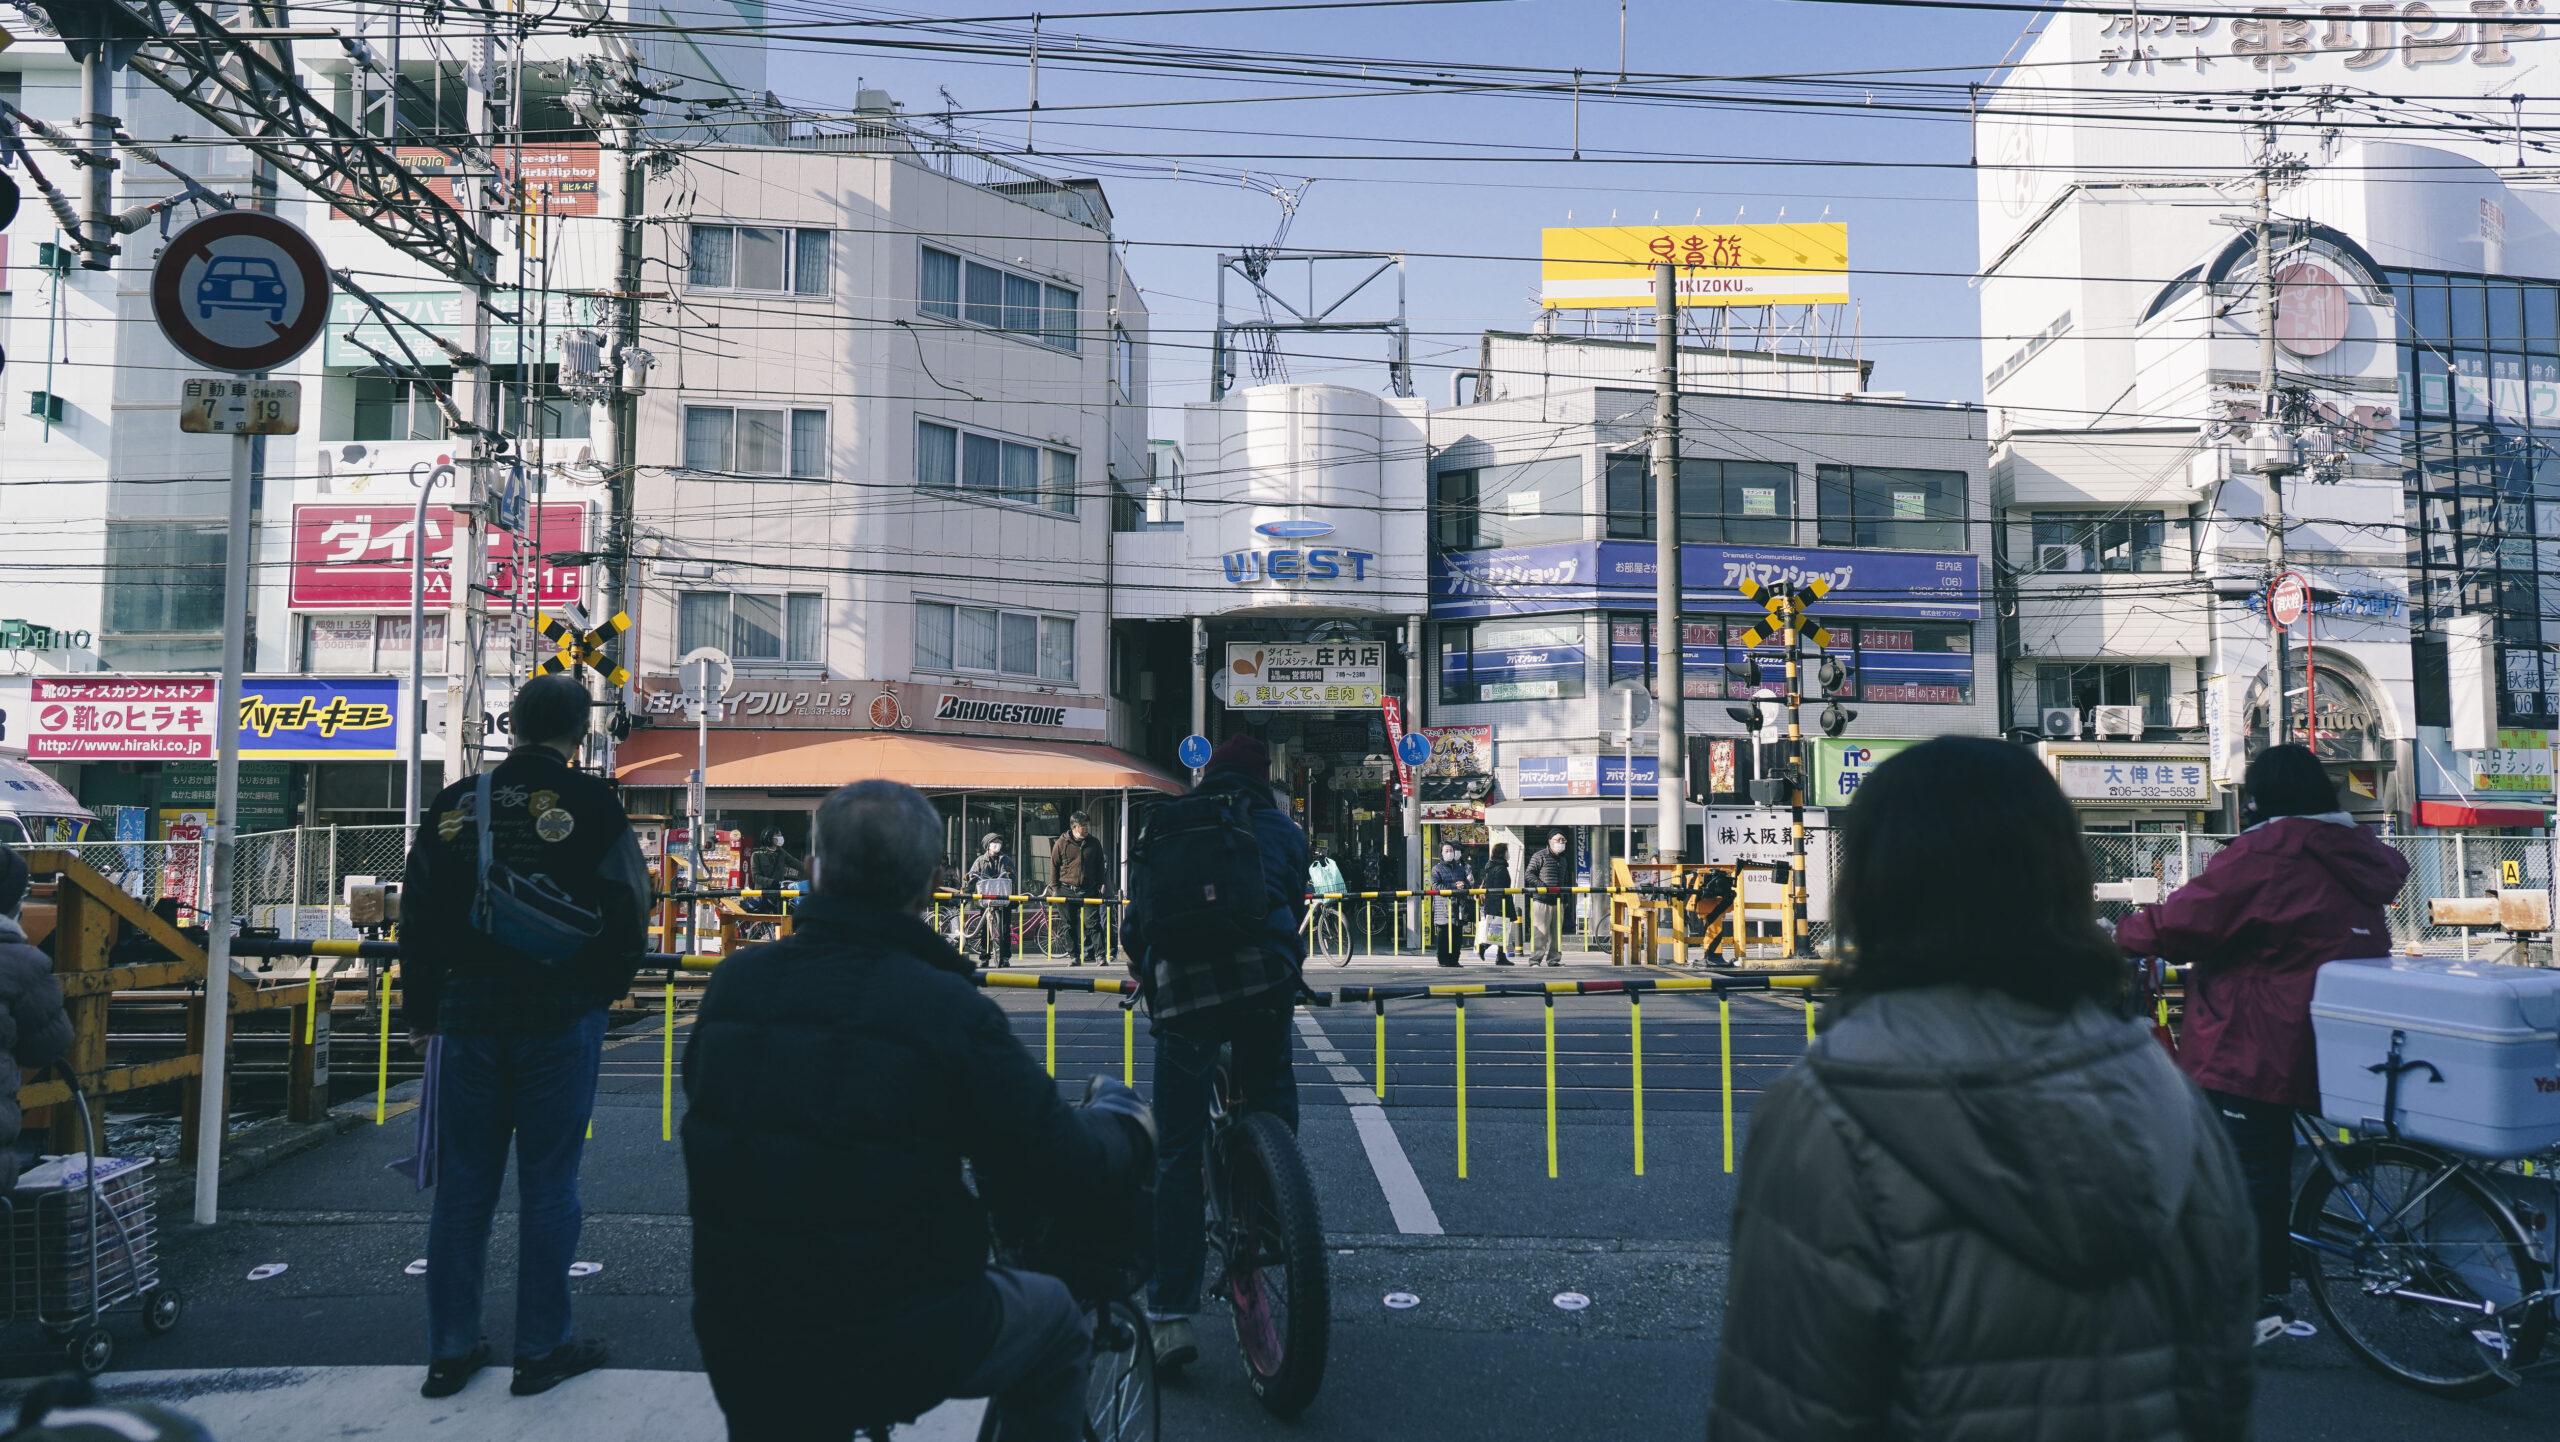 6時間の乗り継ぎ待ちに、庄内の町を散歩する